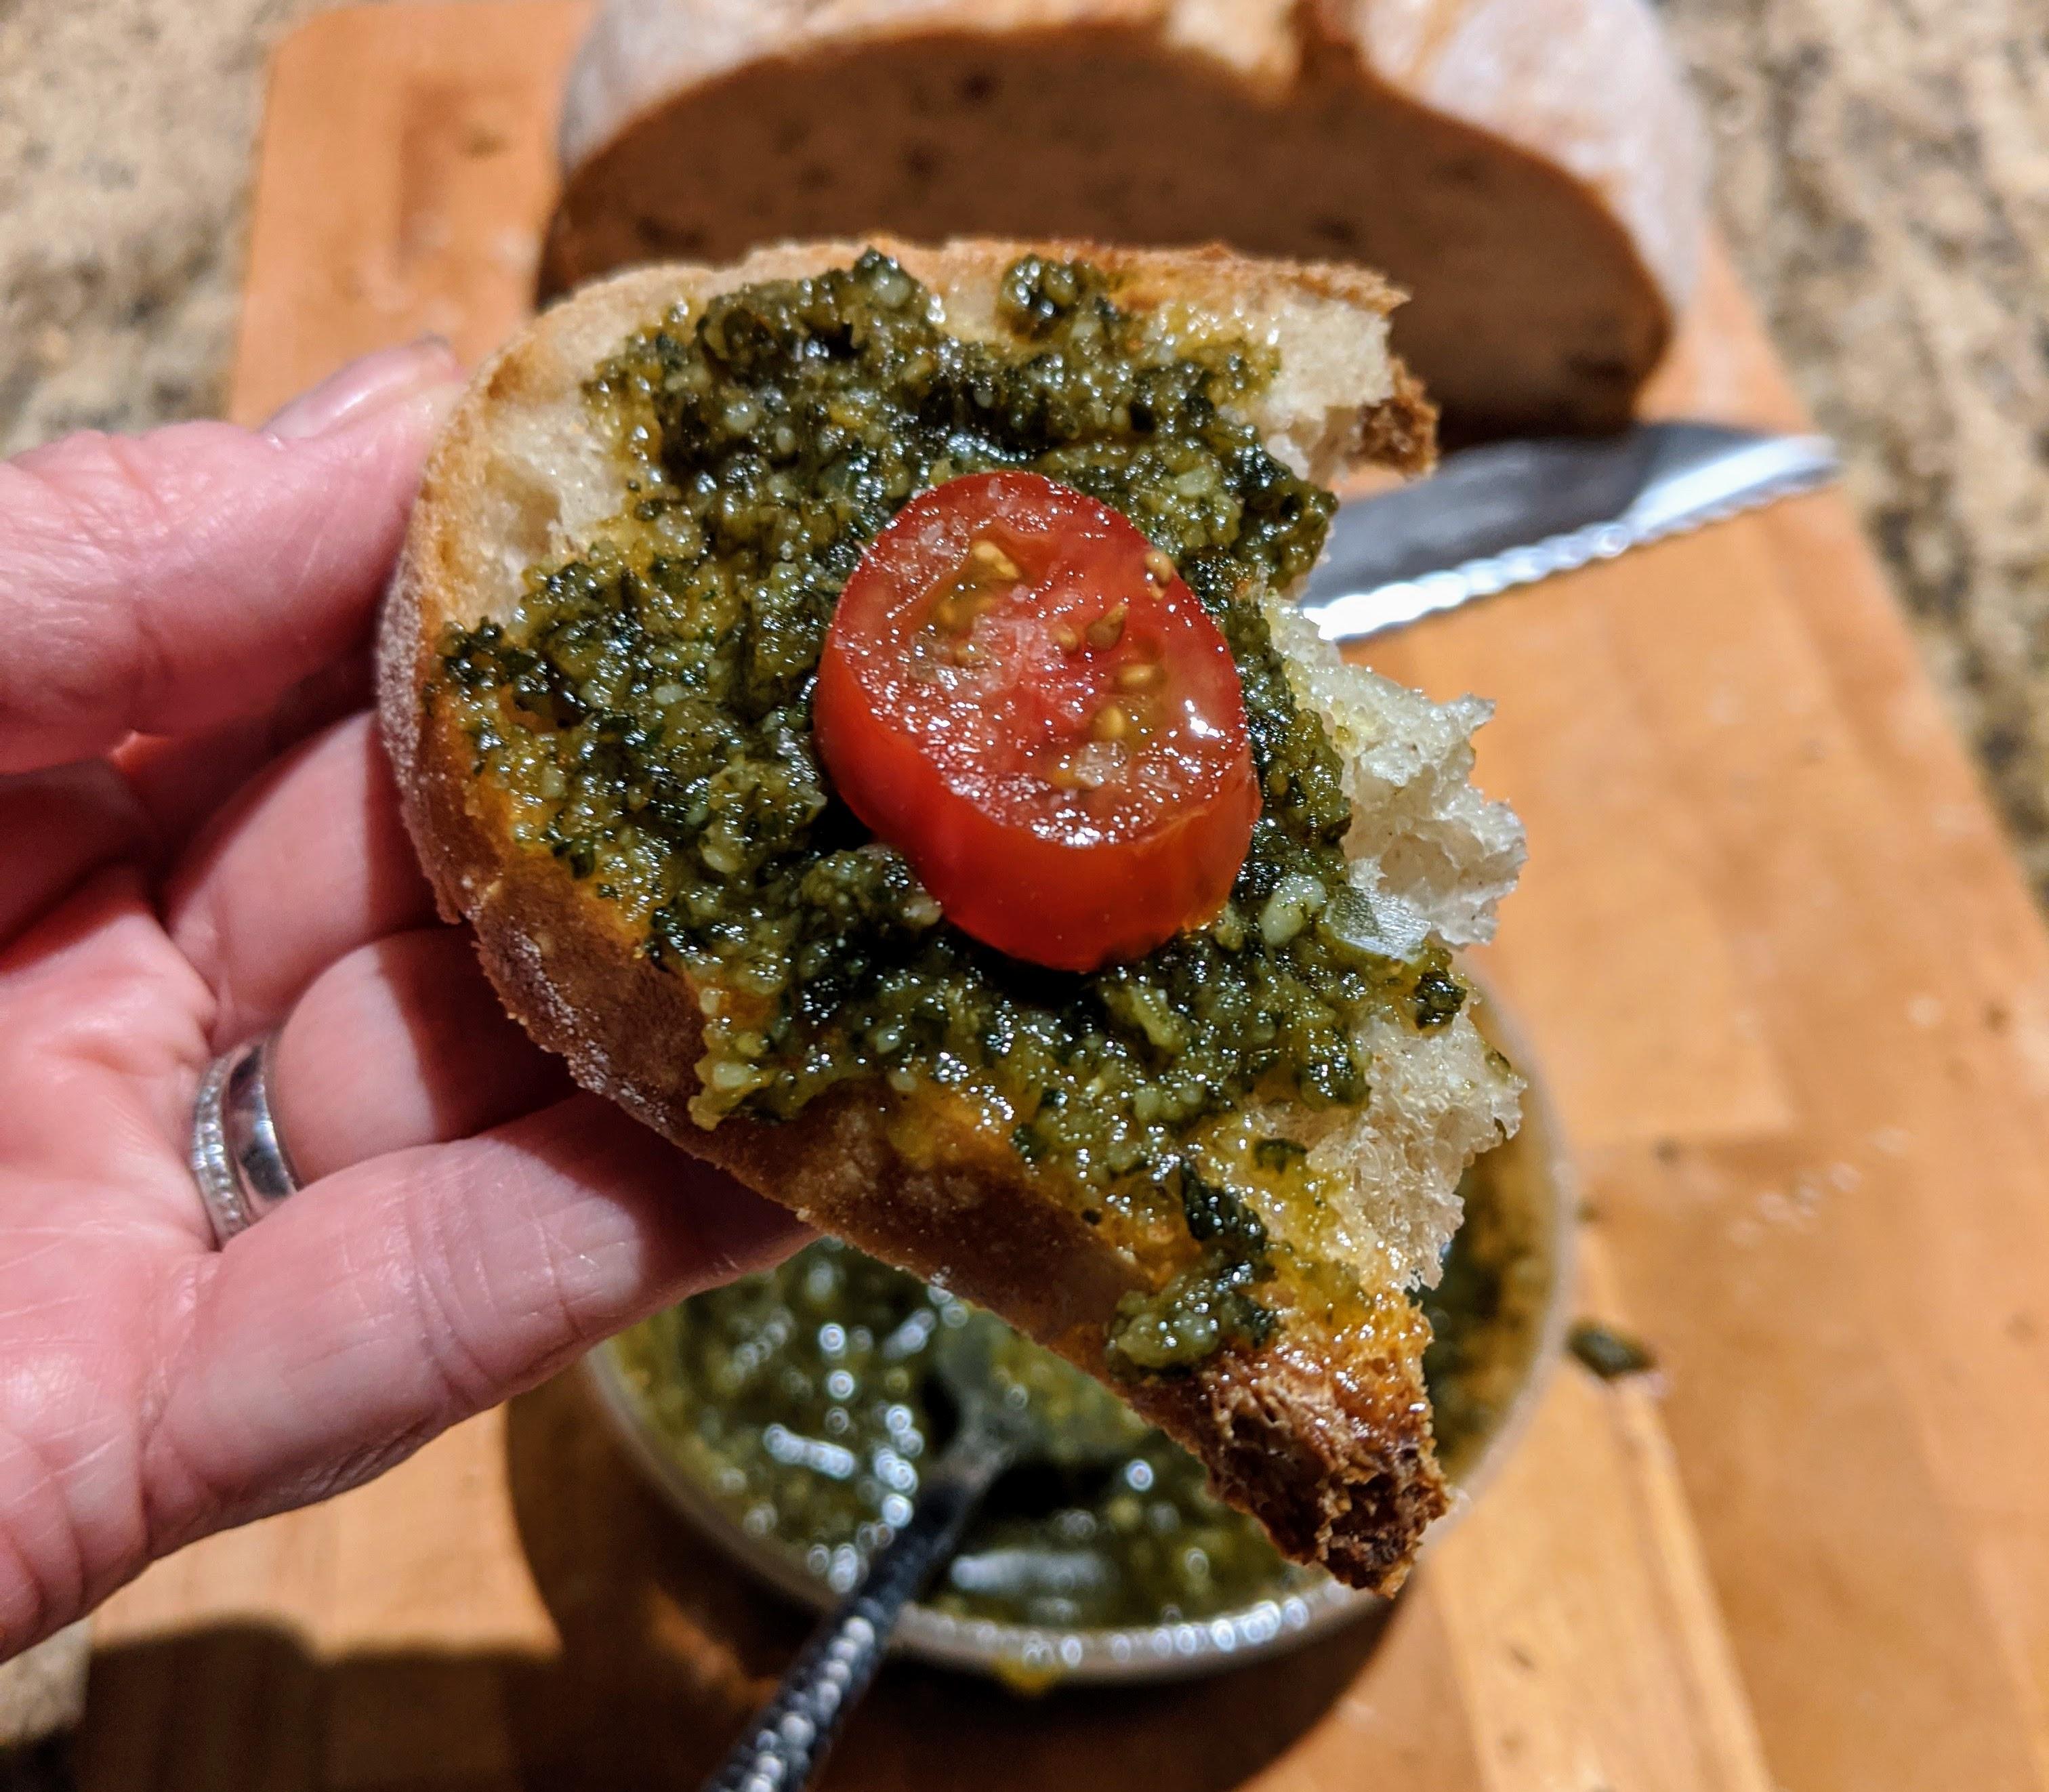 Basil pesto, bread and tomato in hand